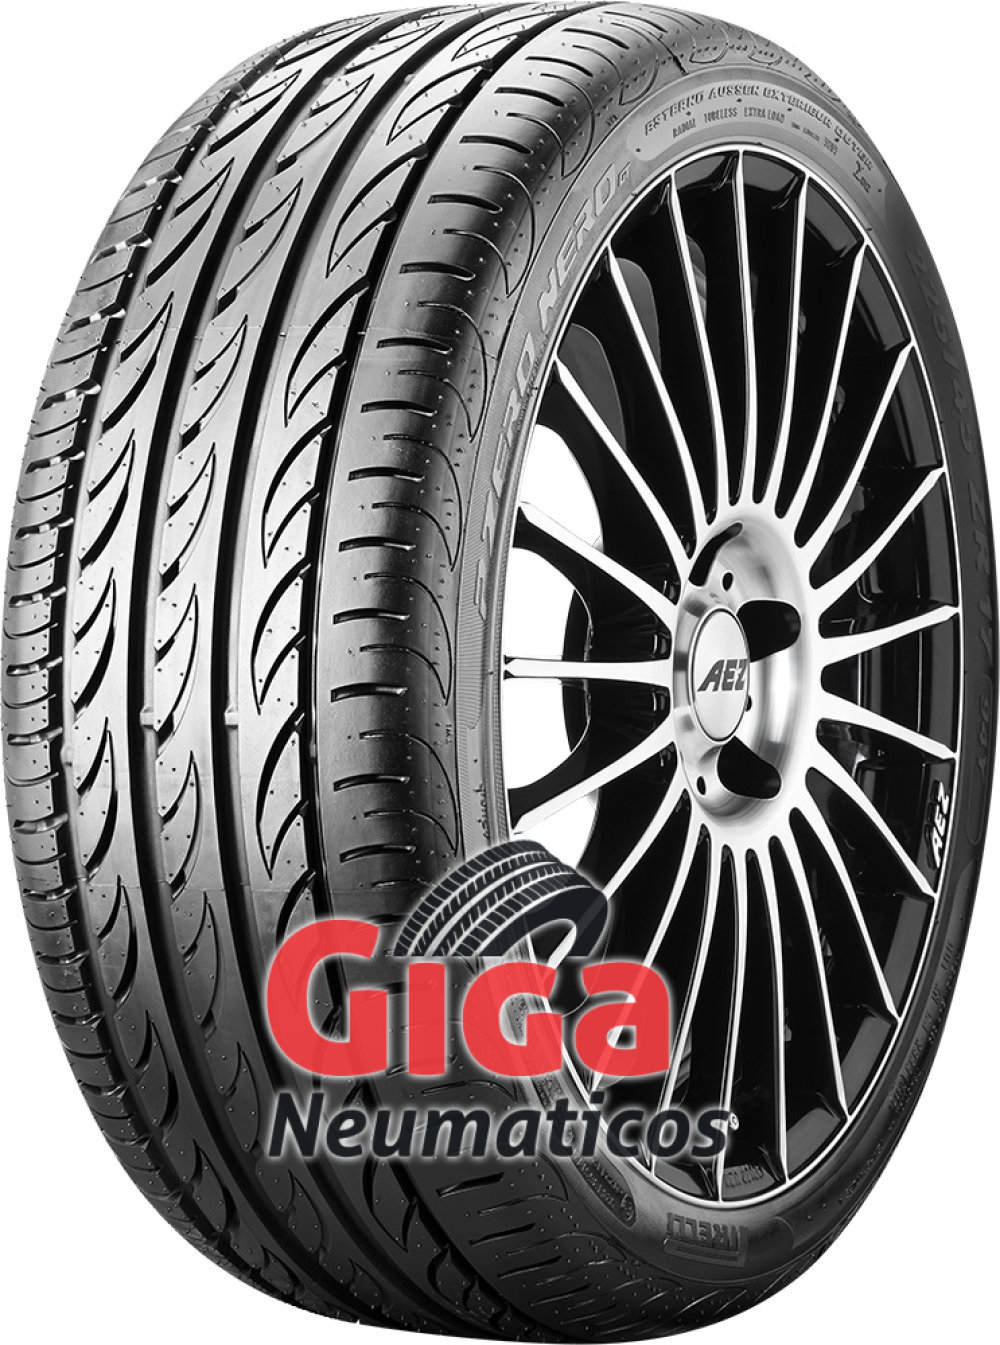 Pirelli P Zero Nero GT ( 235/45 ZR17 97Y XL con protector de llanta (MFS) )